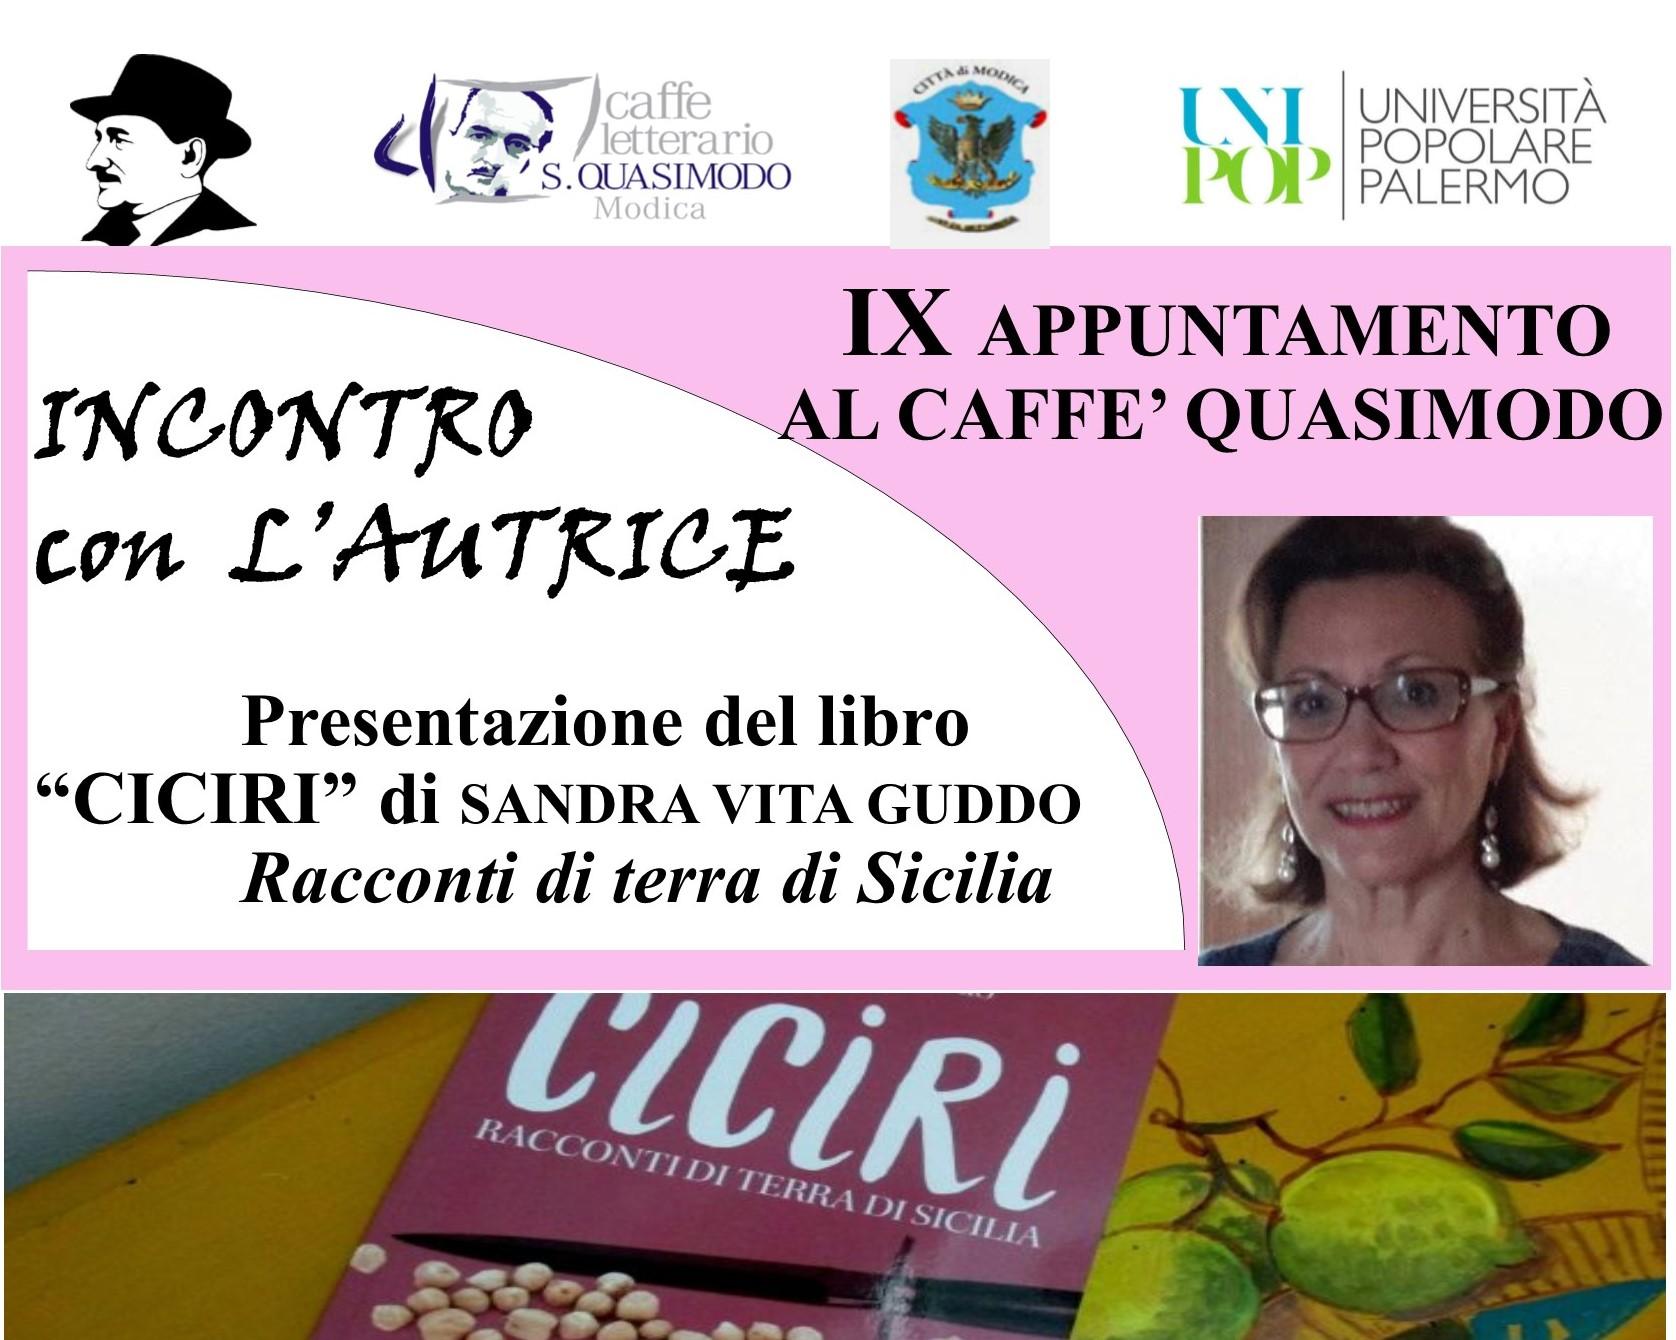 """Modica, sabato letterario: si presenta il libro """"Ciciri"""" di Sandra Vita Guddu"""